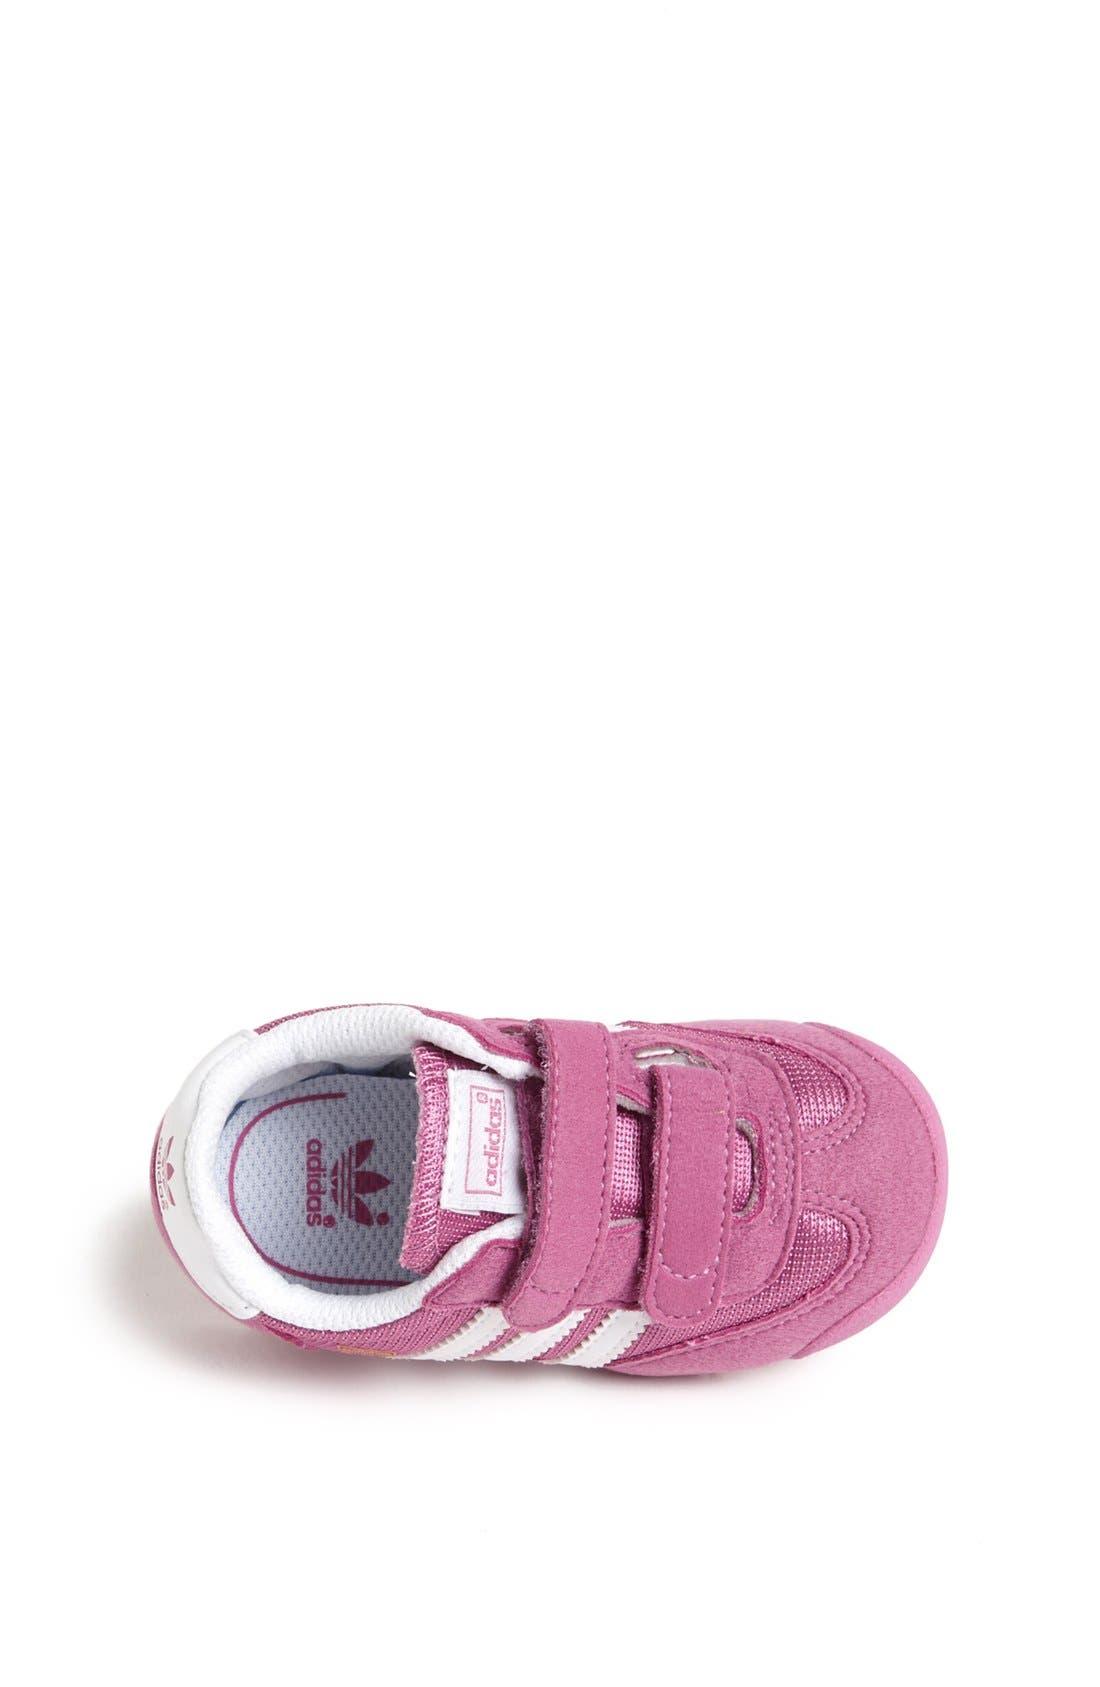 Alternate Image 3  - adidas 'Dragon' Sneaker (Baby, Walker & Toddler)